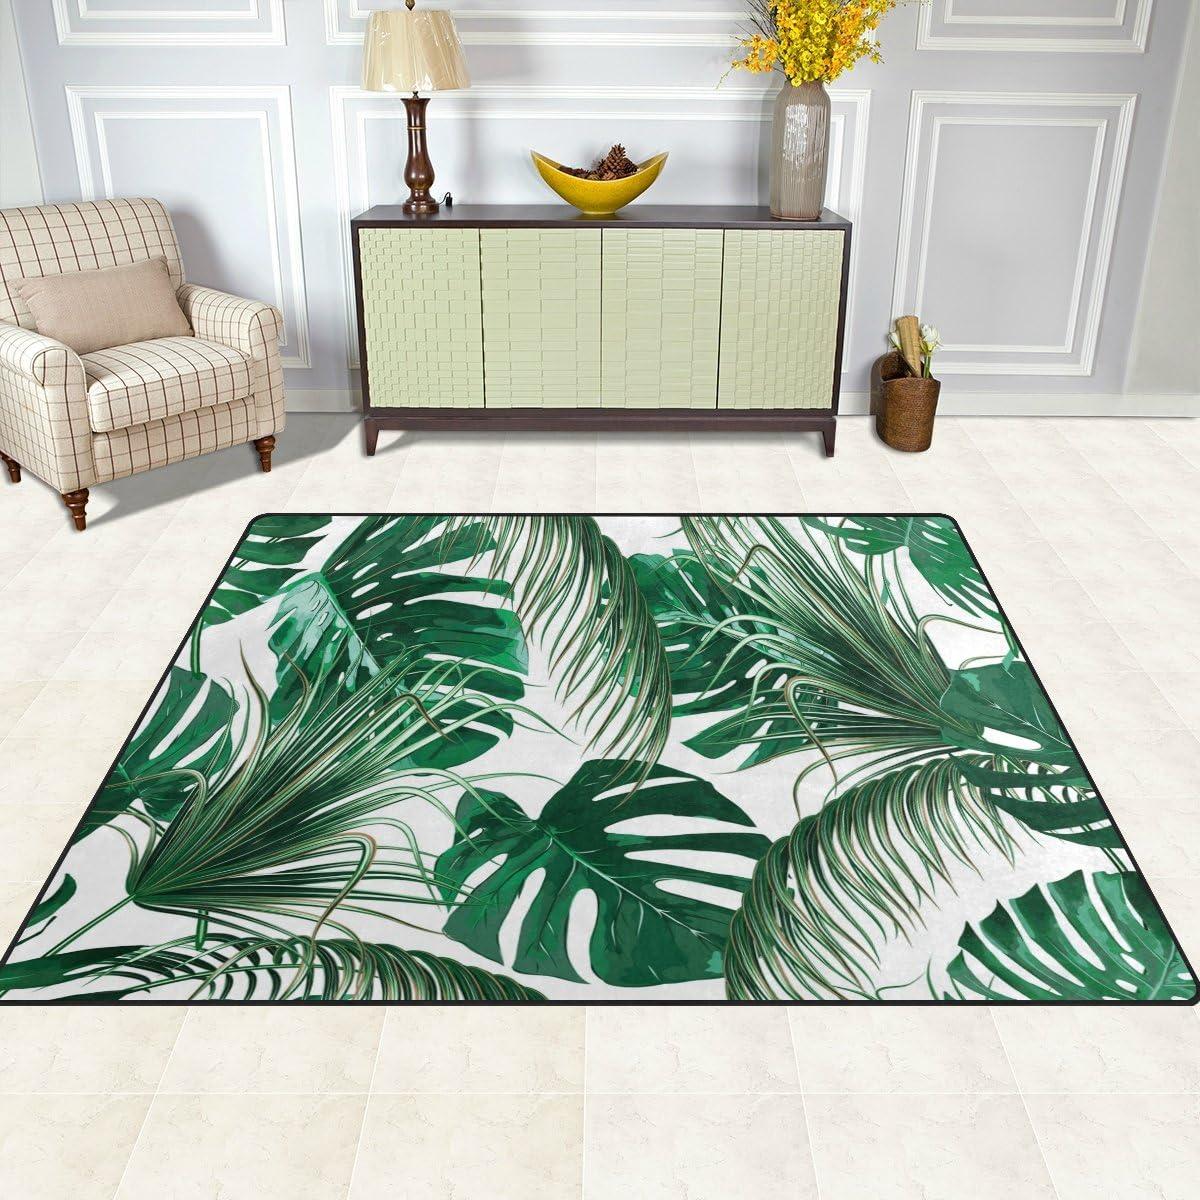 multicolore vert Use7 5.3 x 4 feet 160cm x 122cm Tissu Tapis motif tropical avec palmier et feuilles